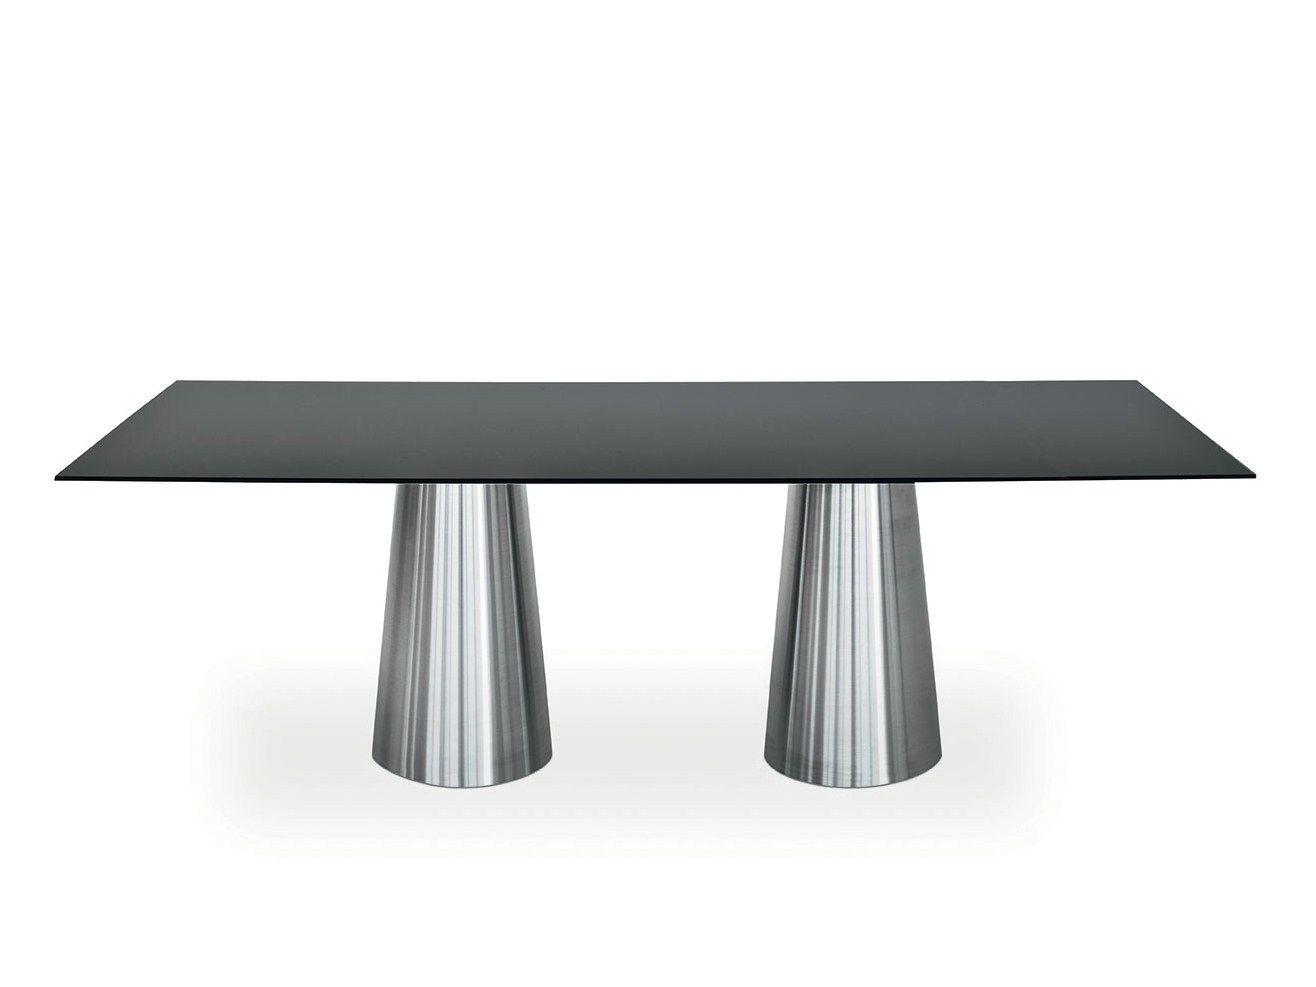 Tavolo rettangolare in acciaio inox e cristallo totem two for Tavoli in cristallo e acciaio